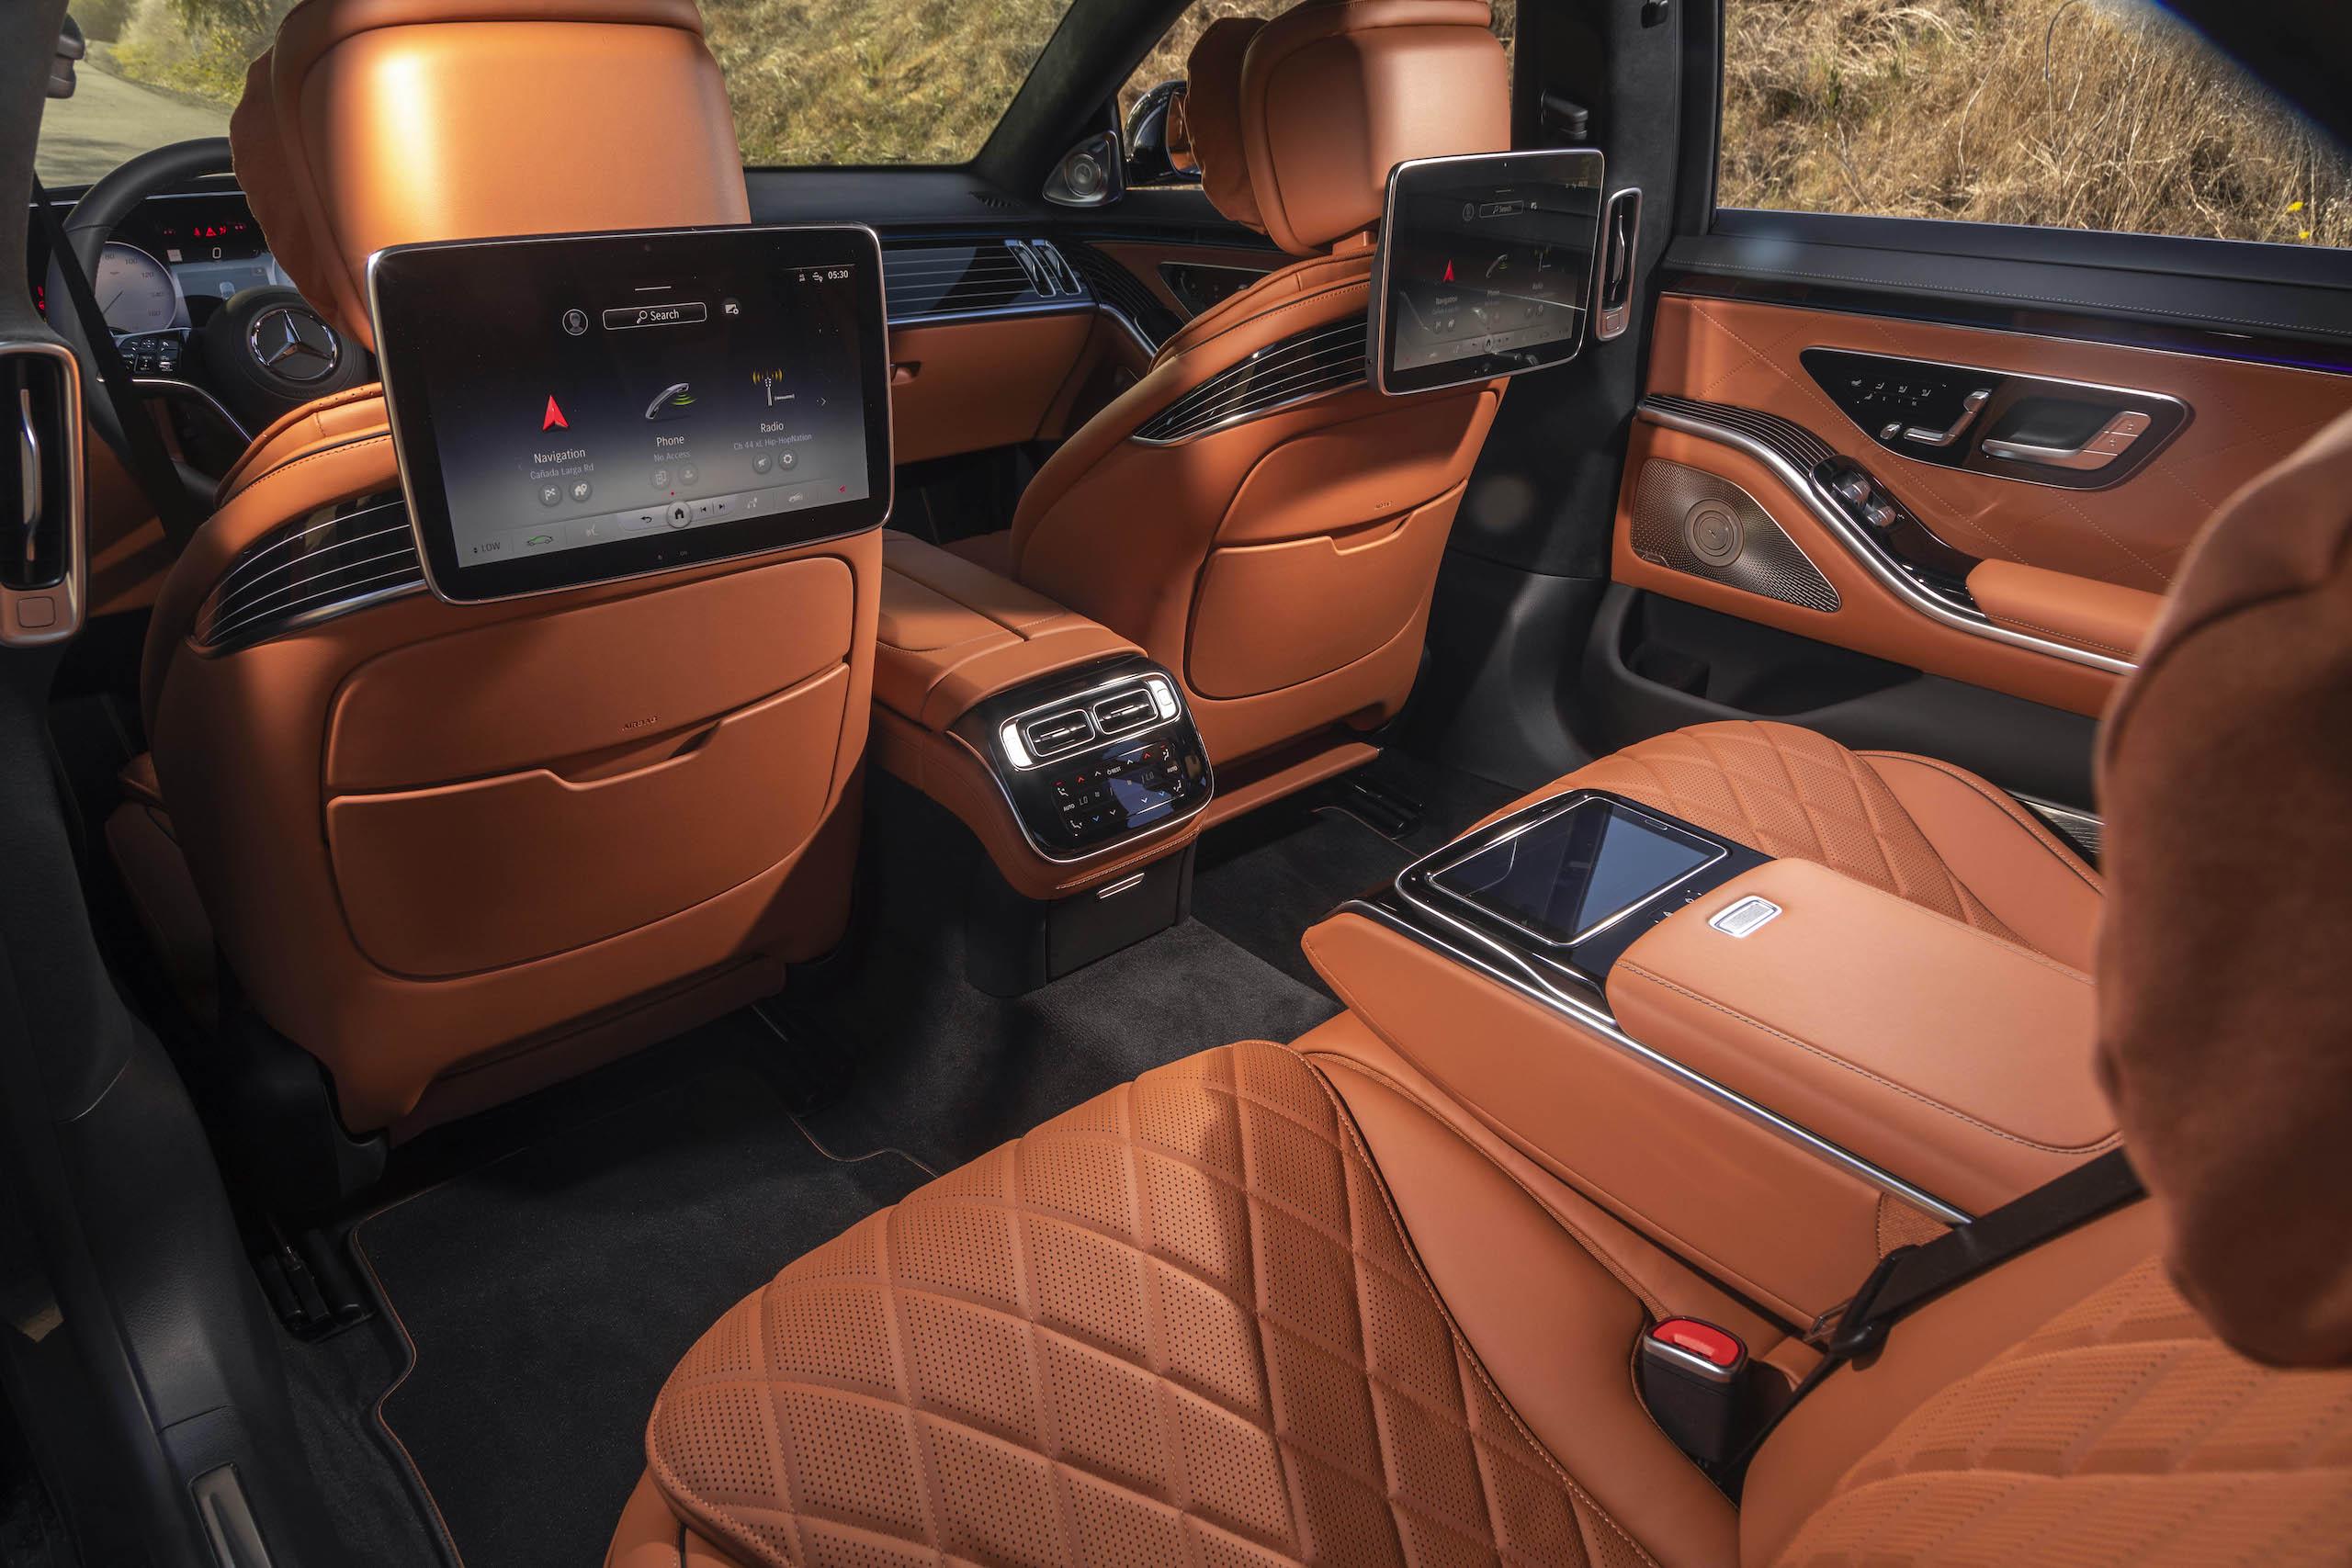 Mercedes Benz-S-Class interior rear screens